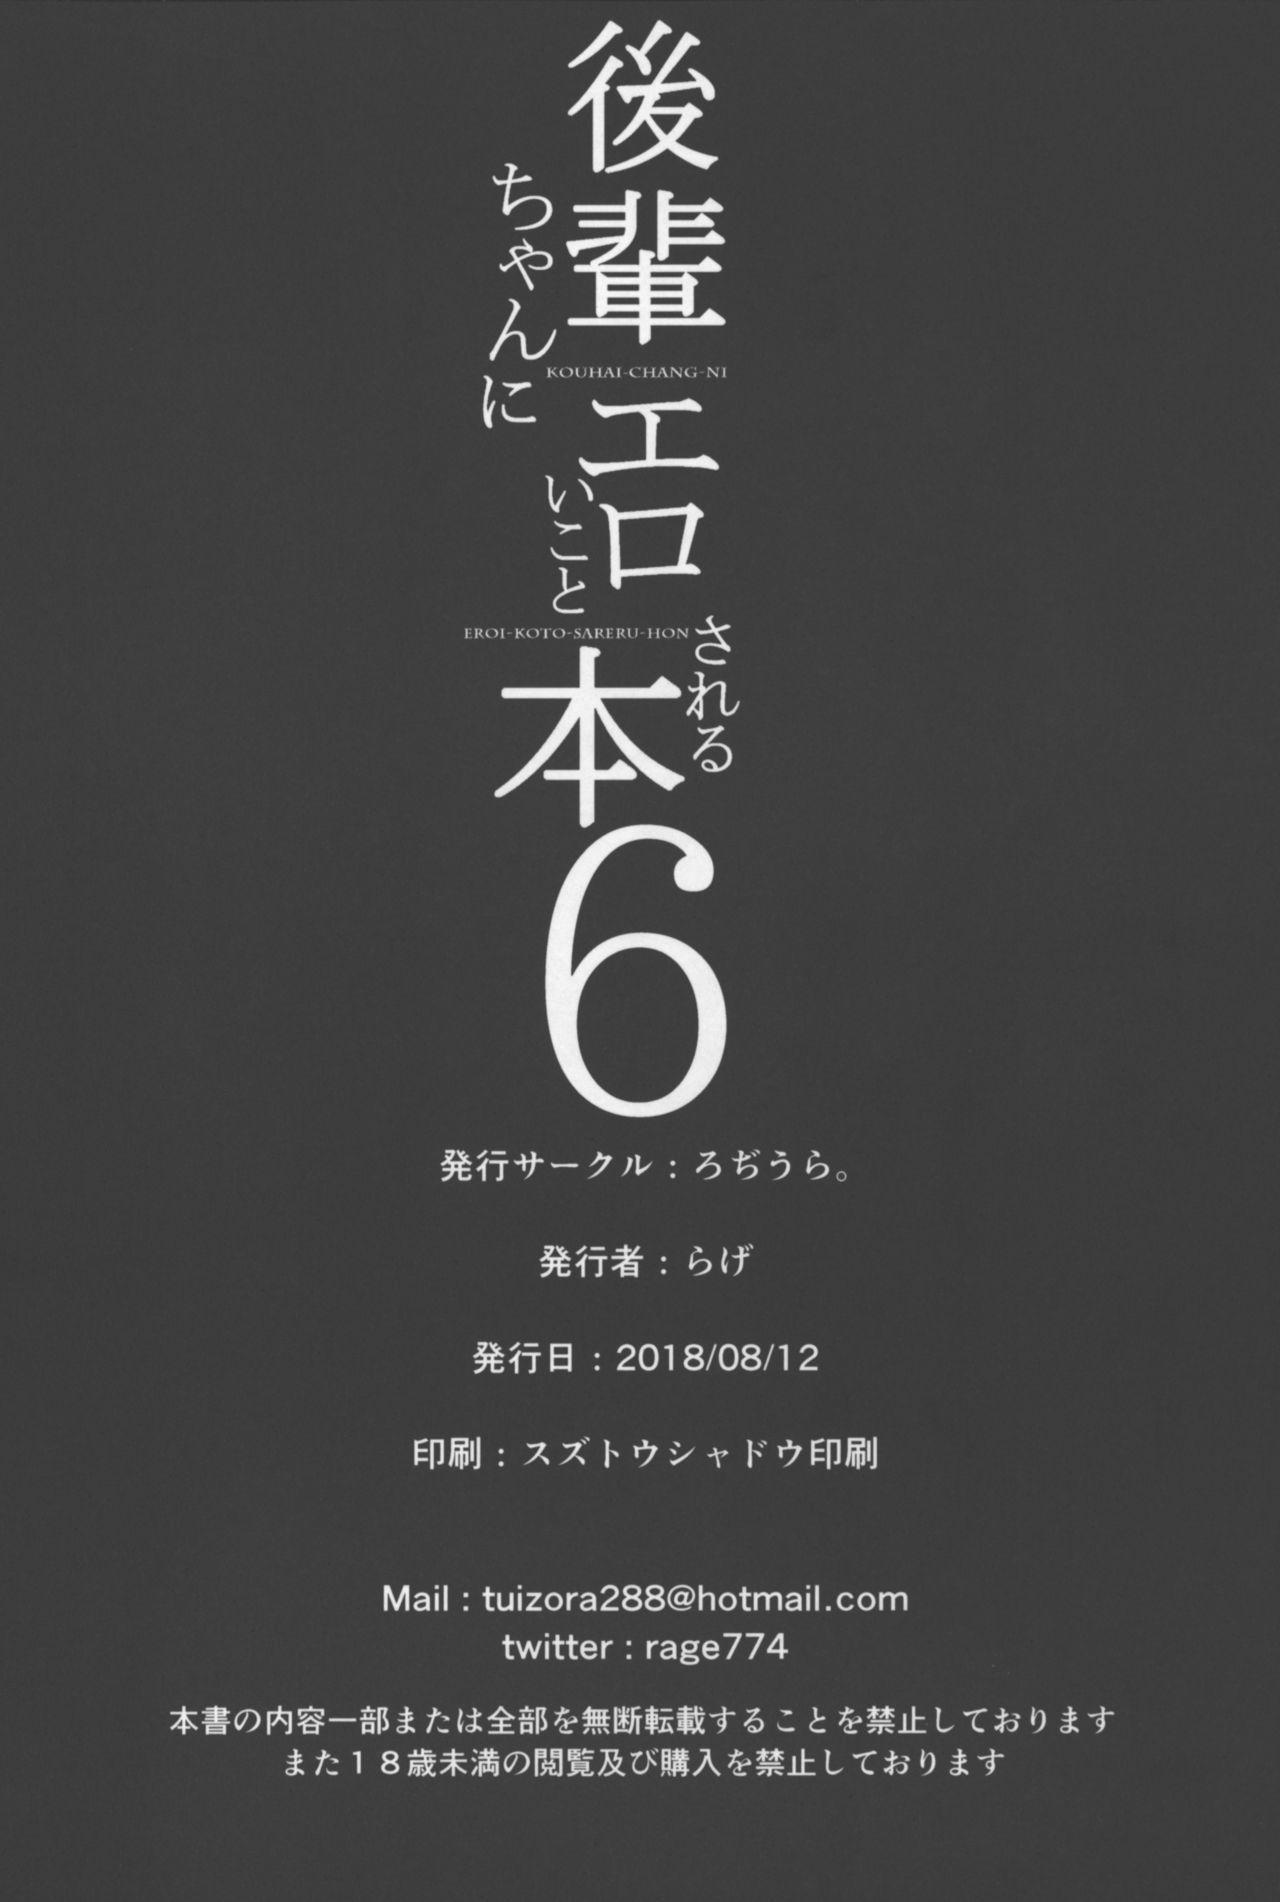 Kouhai-chan ni Eroi Koto Sareru Hon 6 24